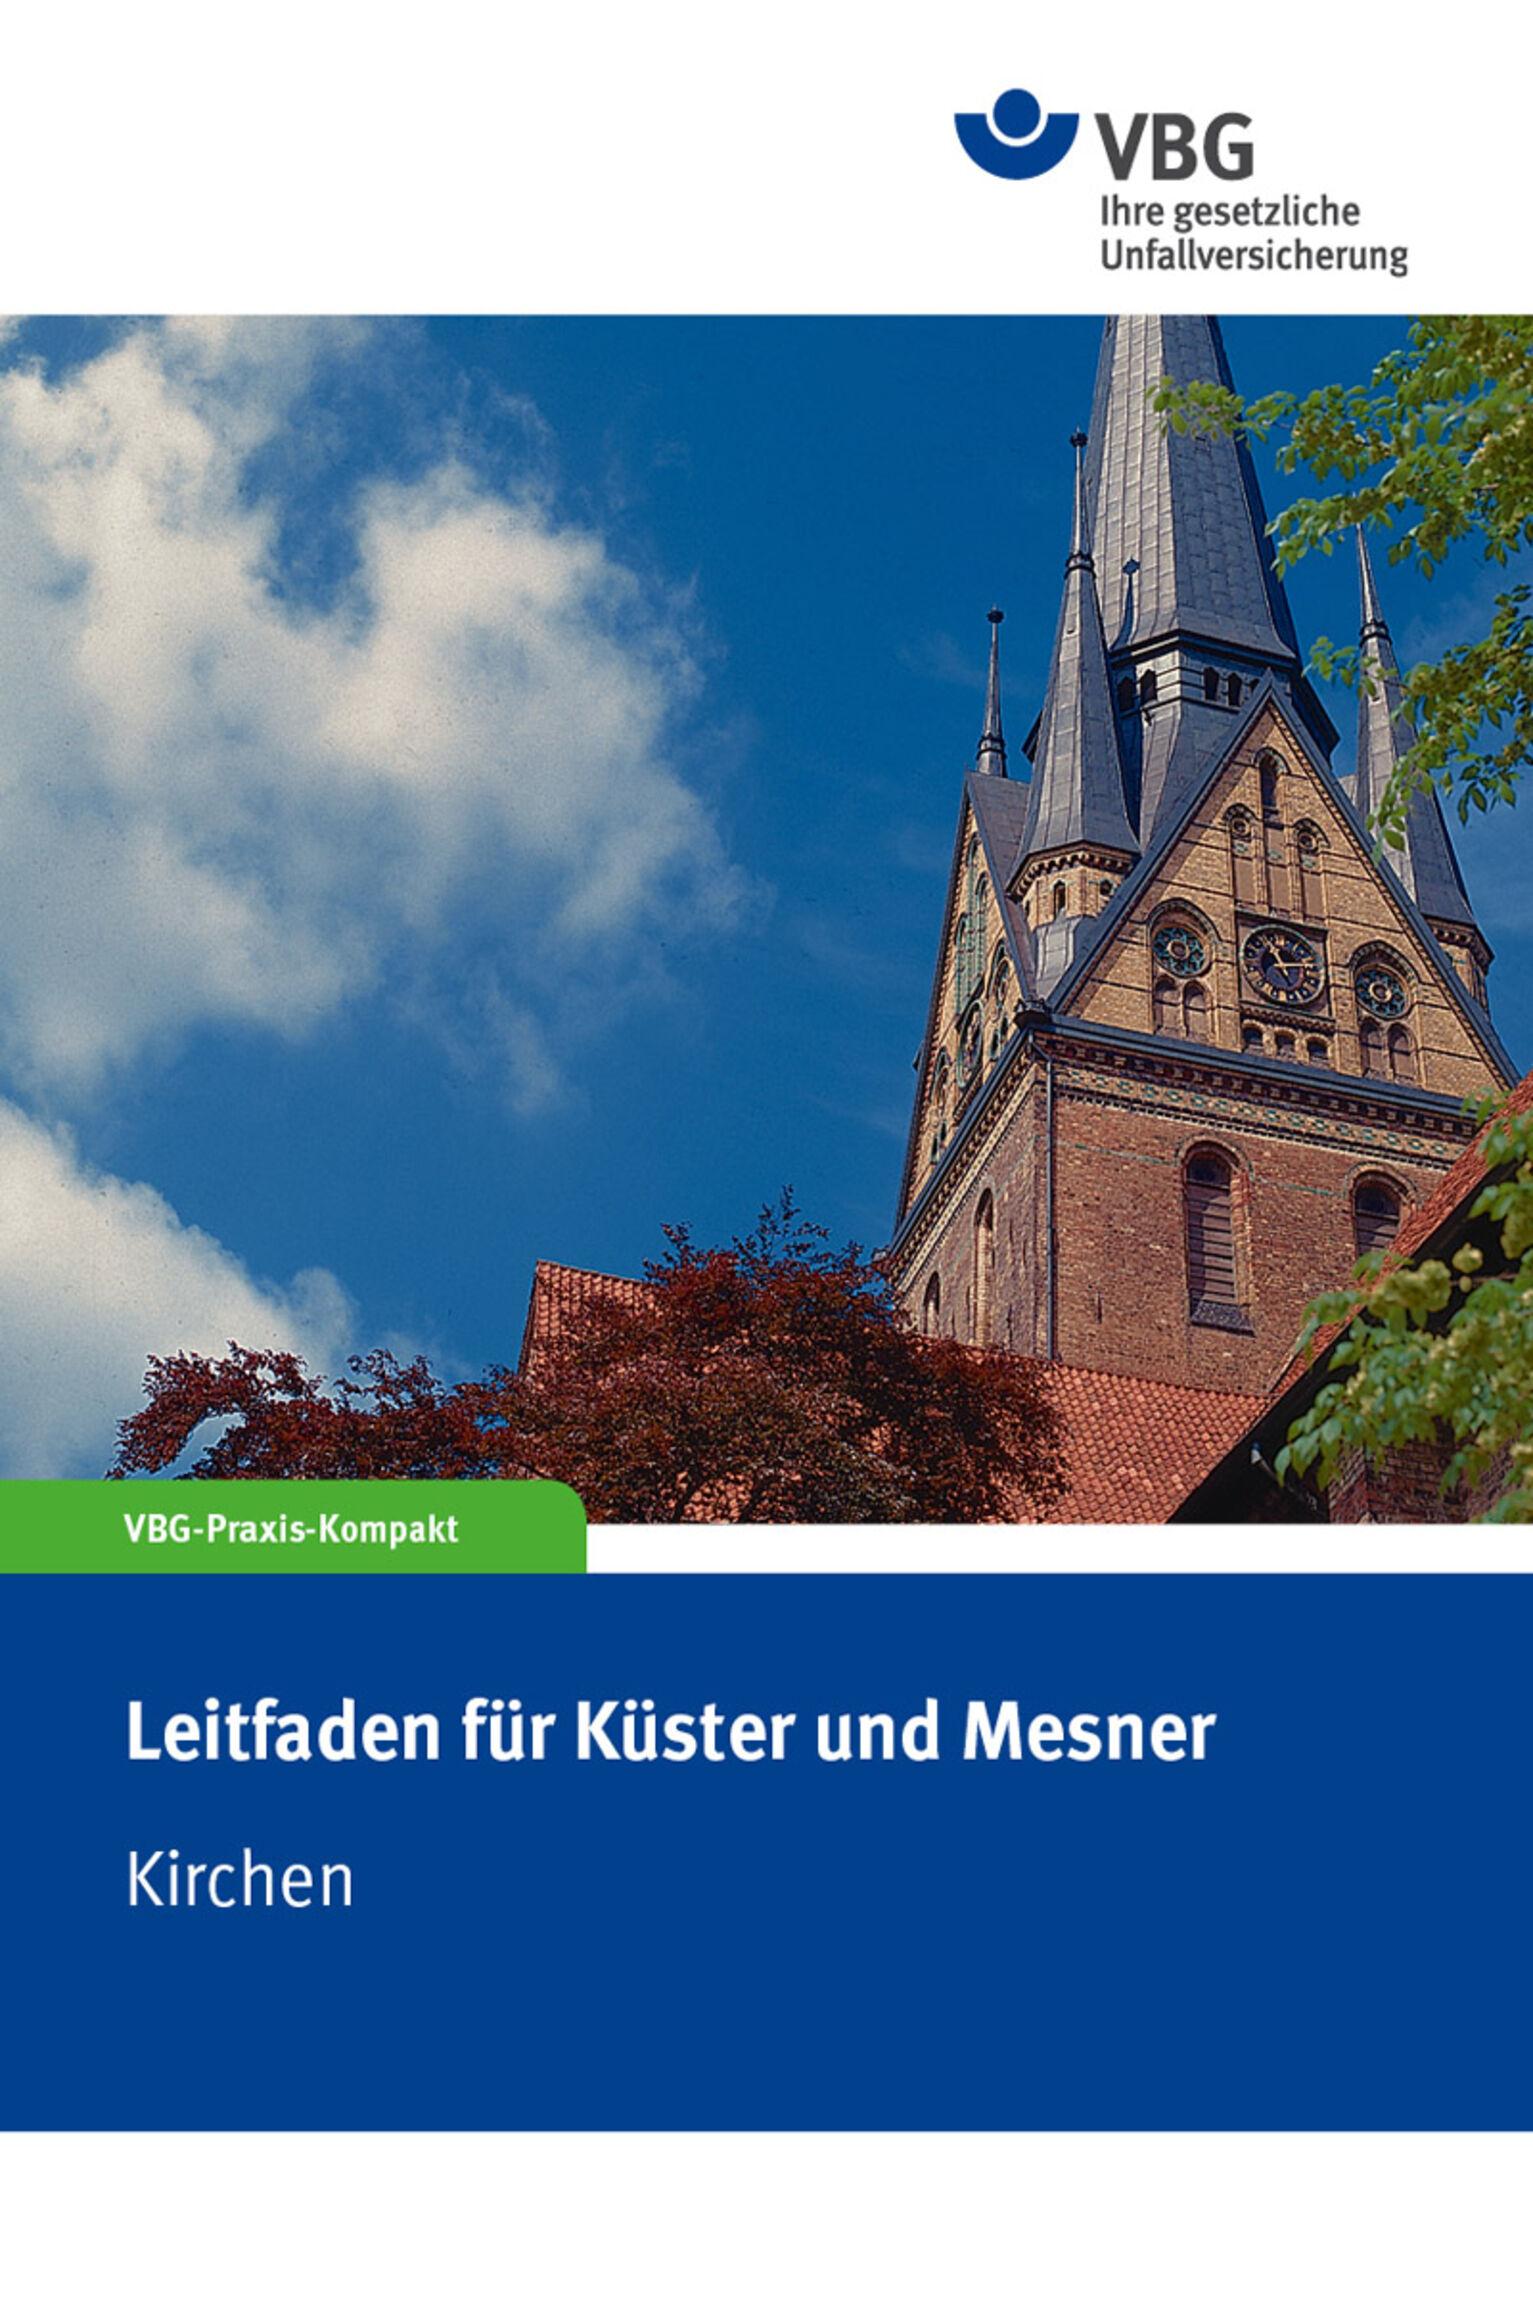 leitfaden_fuer_kuester_und_mesner_titelseite